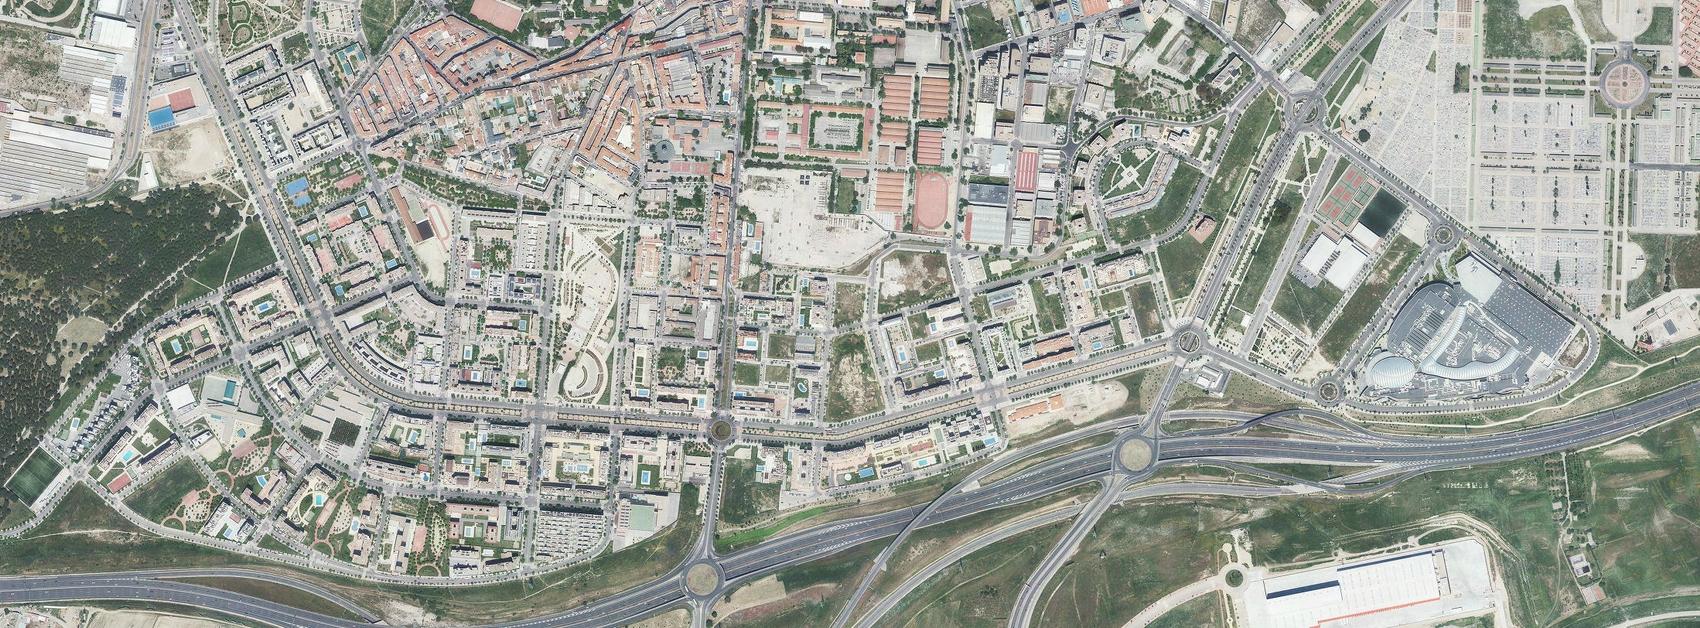 PAU de Carabanchel, Madrid, avenida de los peseteros, después, urbanismo, planeamiento, urbano, desastre, urbanístico, construcción, rotondas, carretera